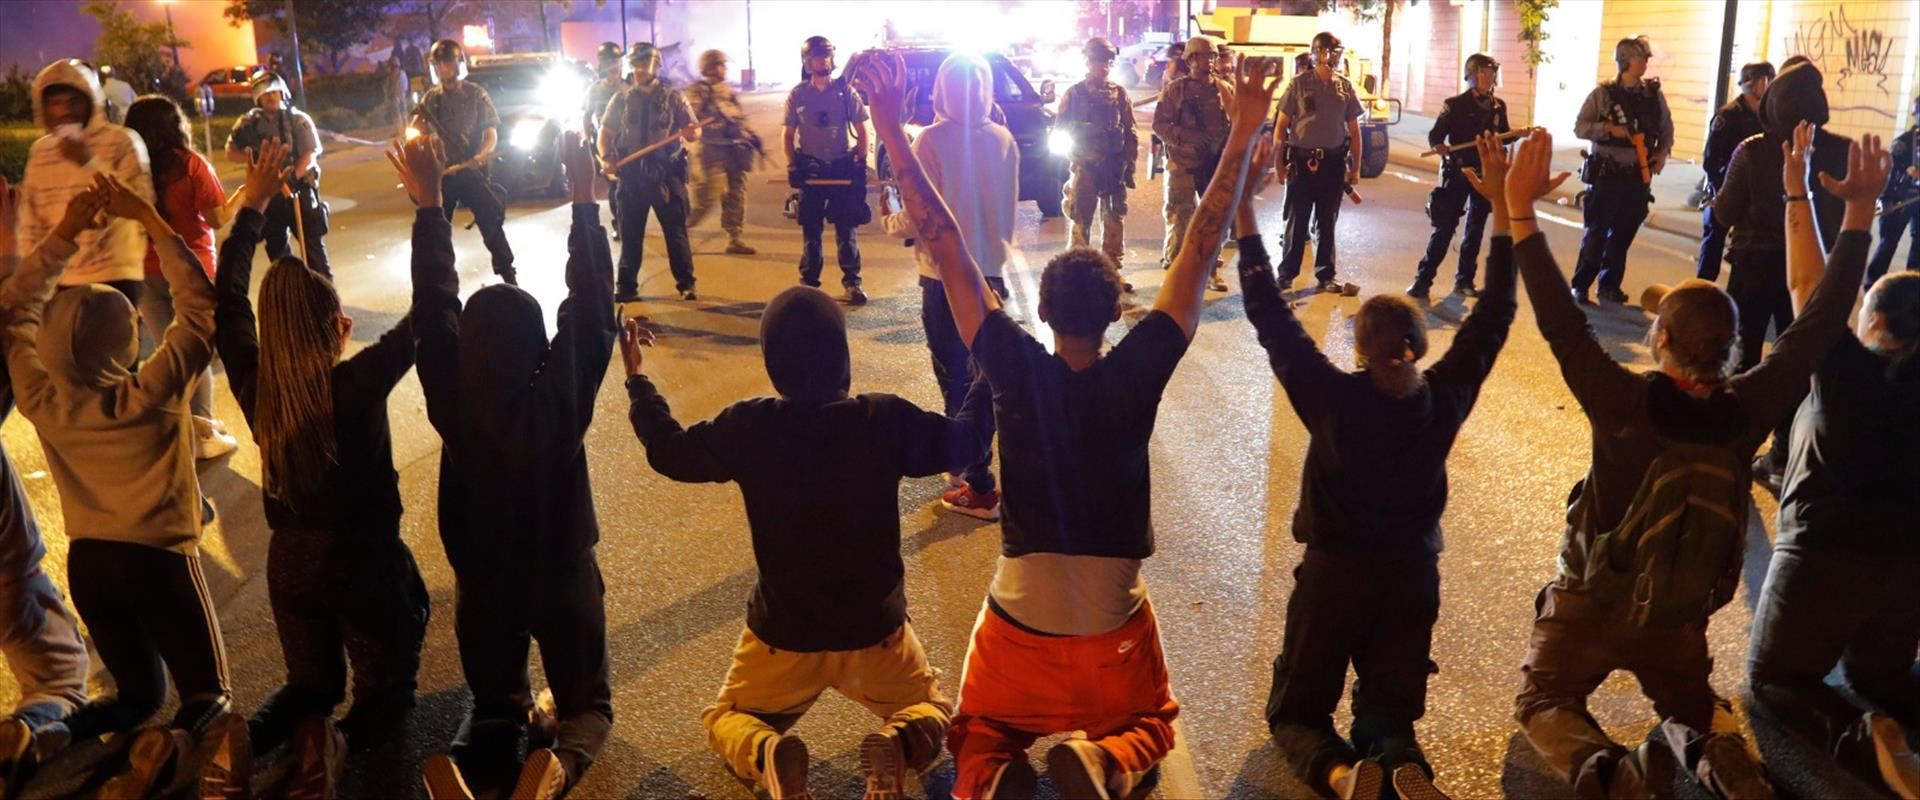 מפגינים כורעים ברך בפני שוטרים במיניאפוליס